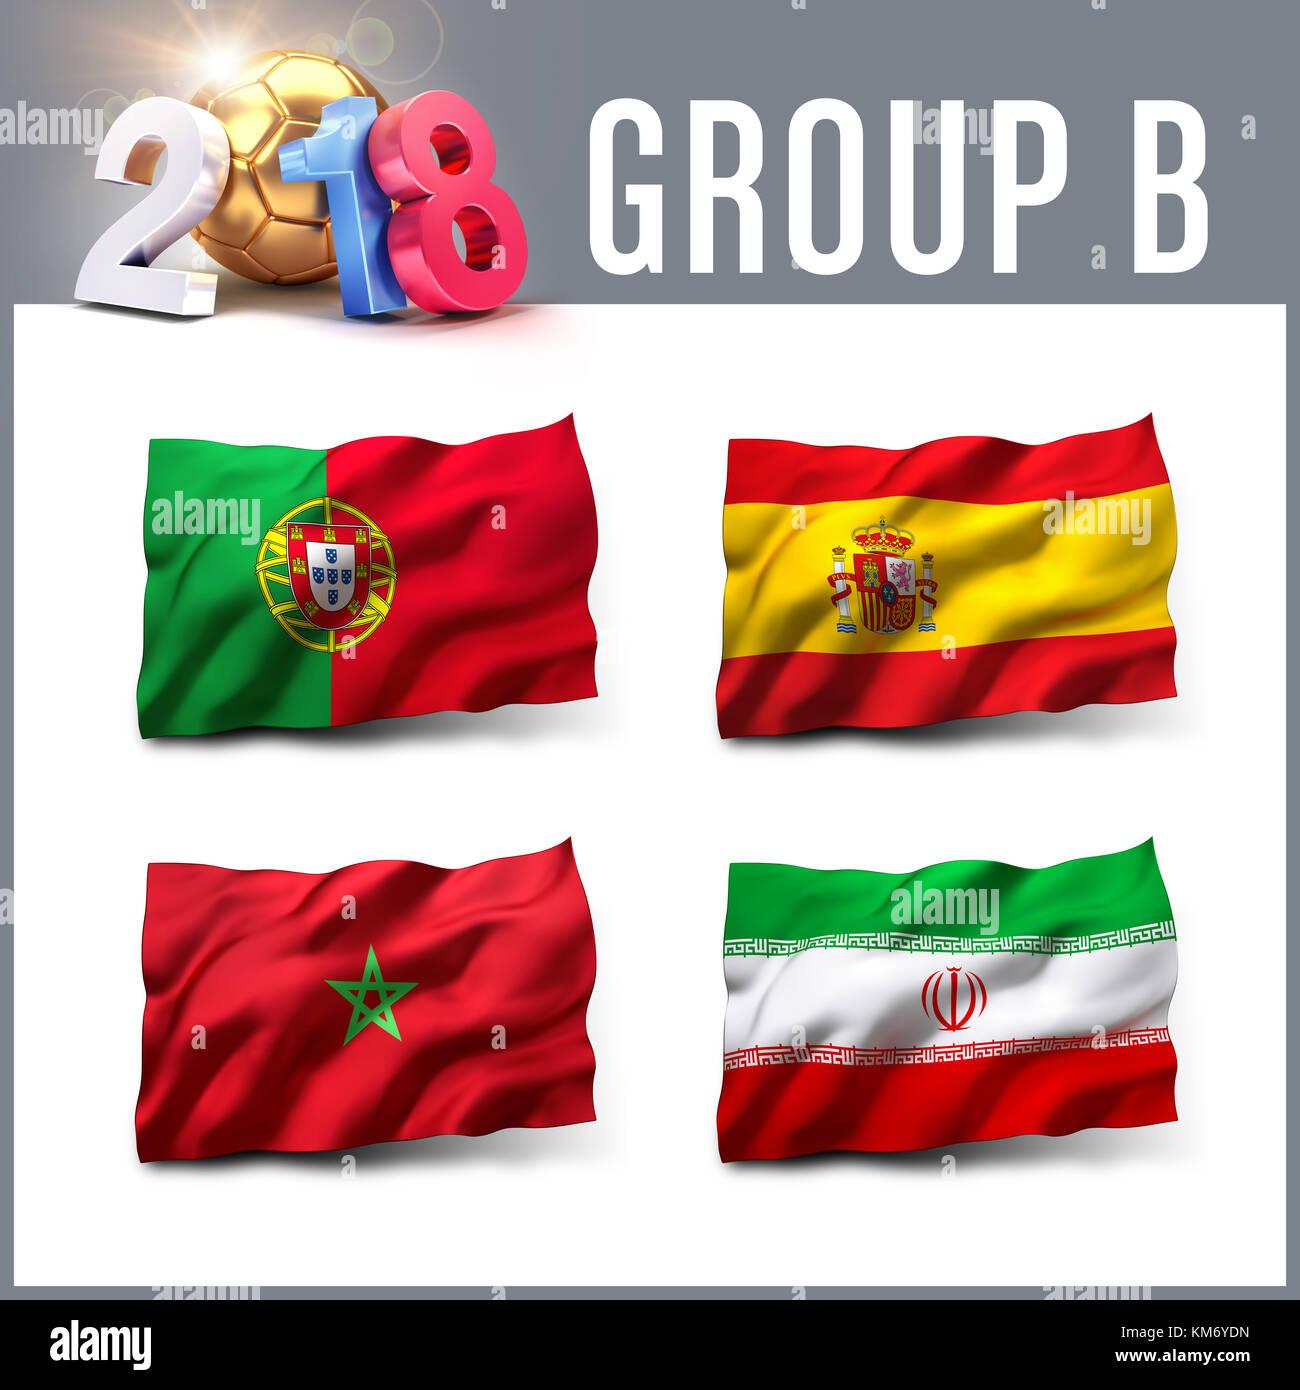 Rusia 2018 Clasificación grupo B con el equipo de banderas. Competición internacional de fútbol. Imagen De Stock